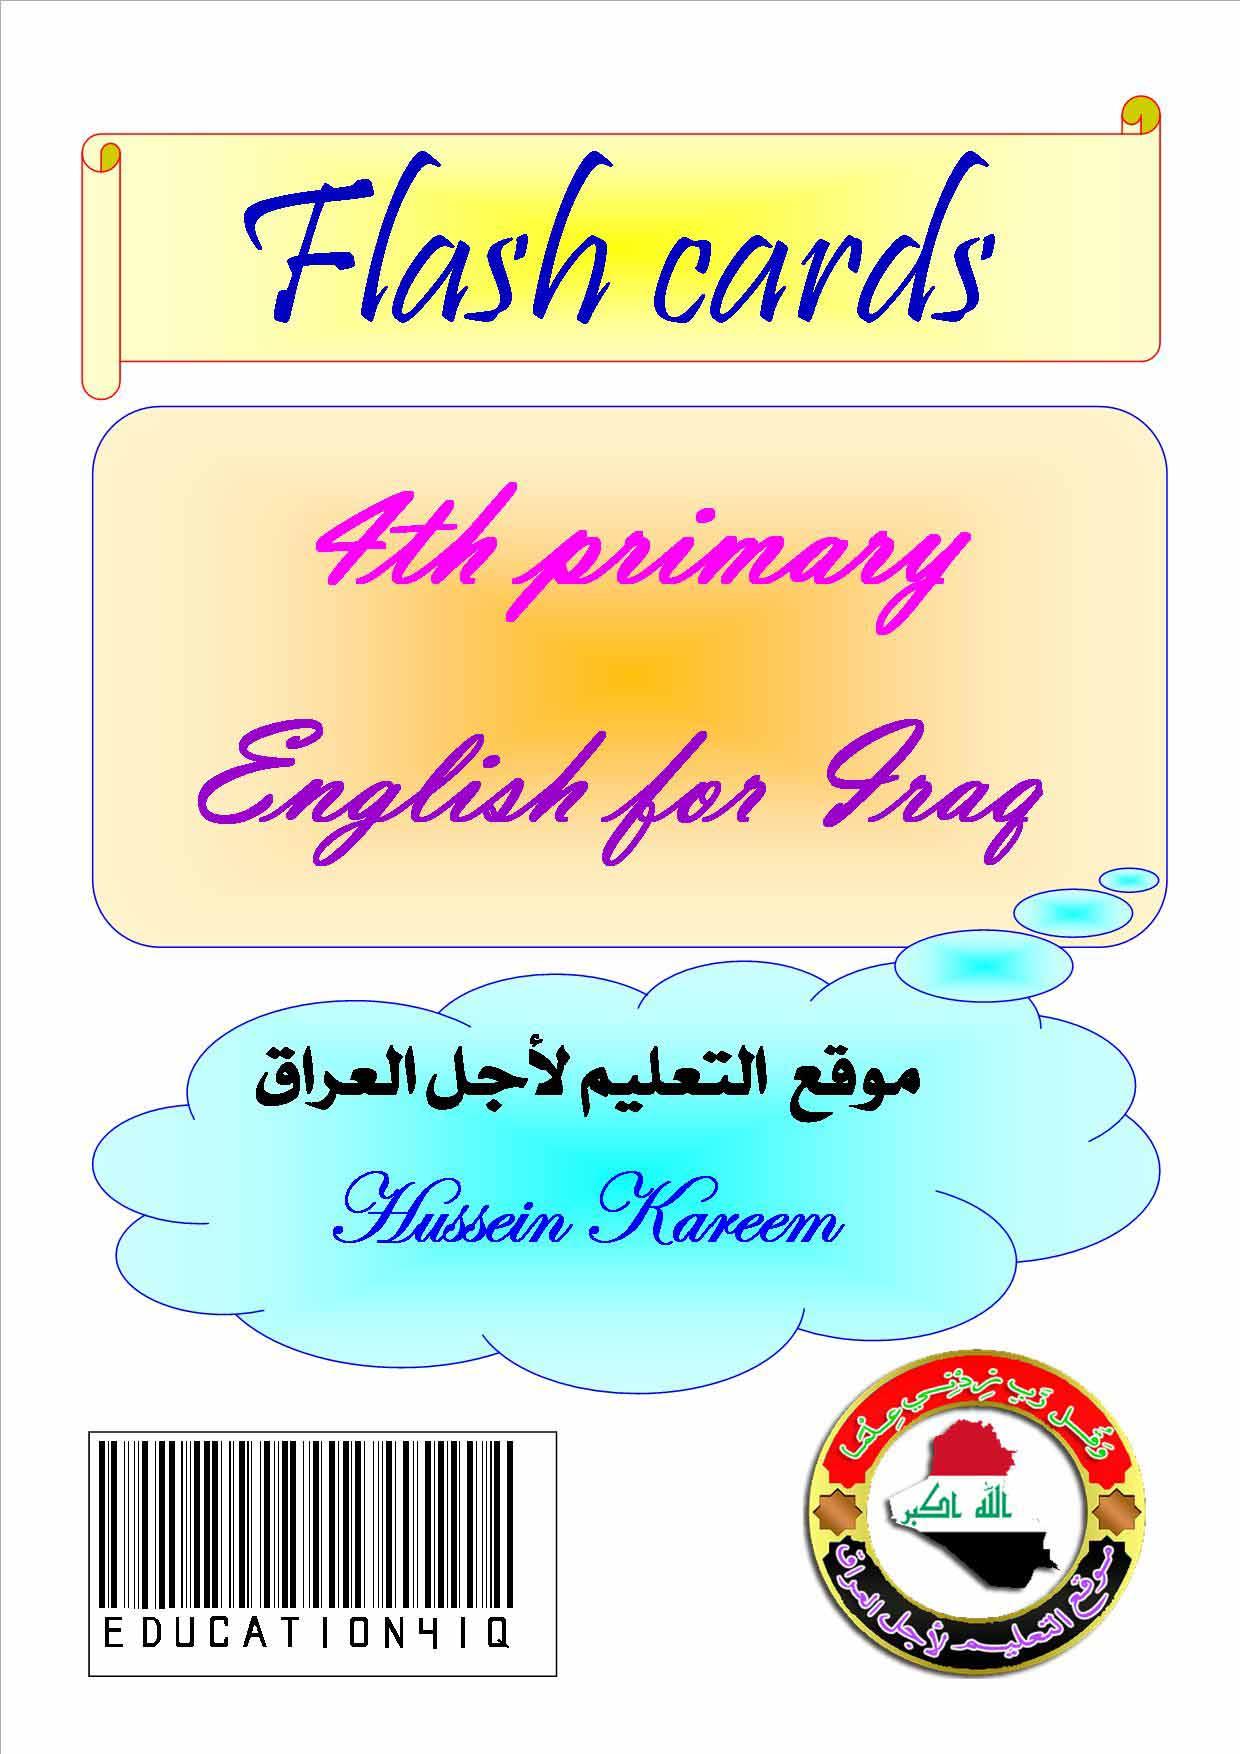 حمل الان افلاش كاردز للصف الرابع الابتدائي Flash cards English for Iraq